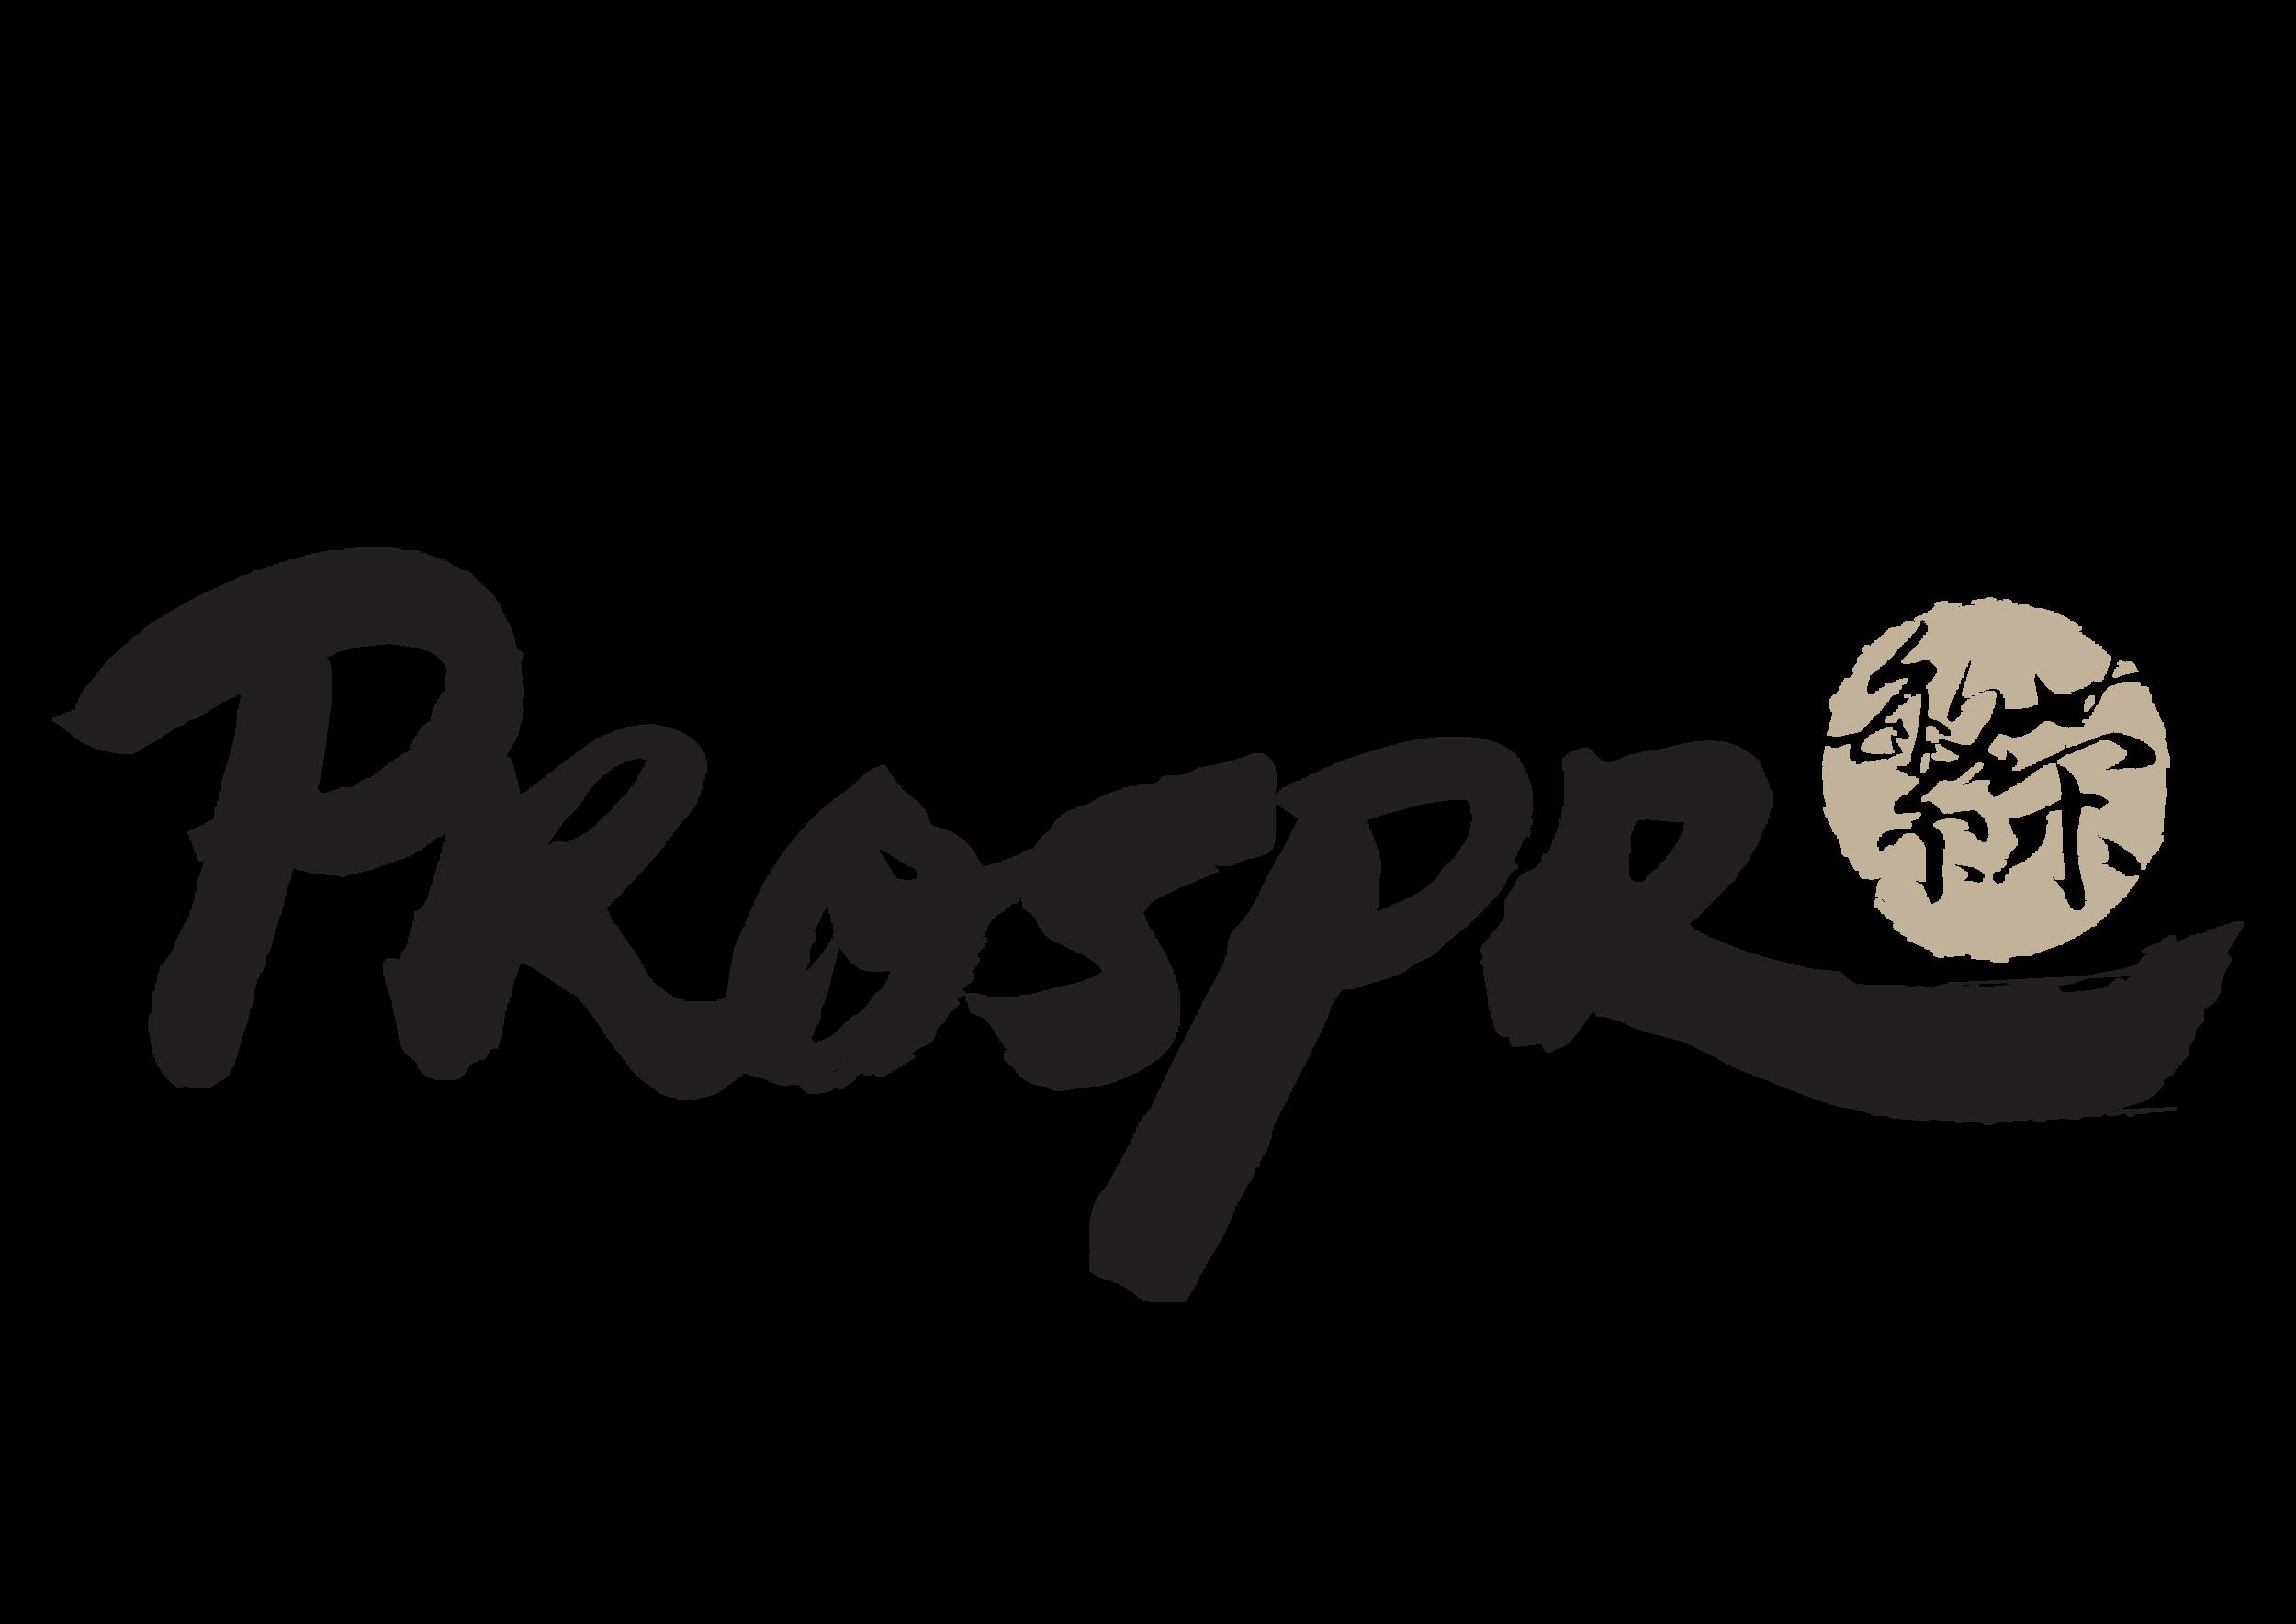 Prospr Logo.png